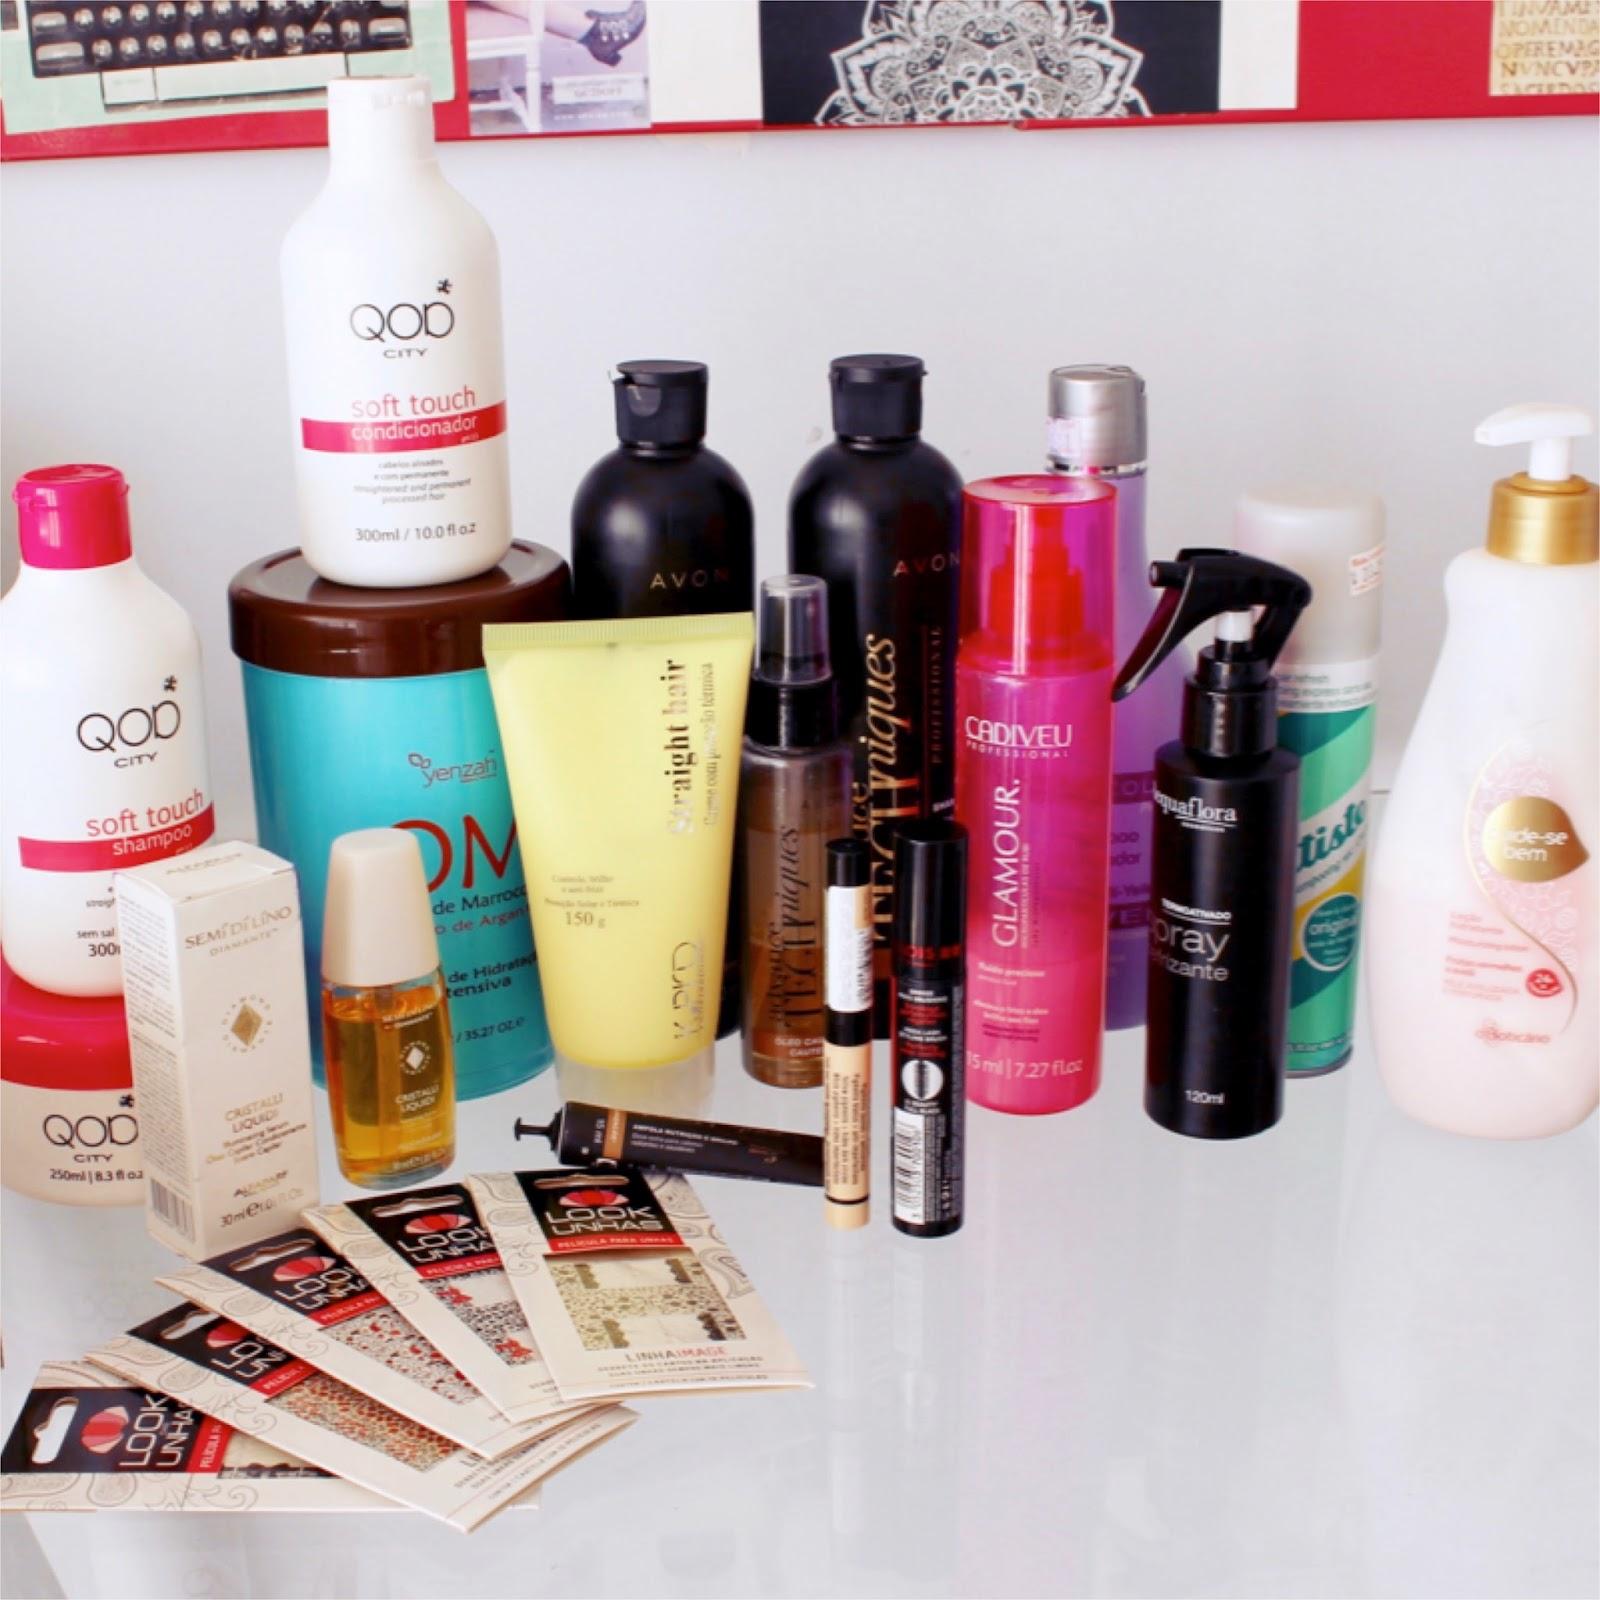 Últimos produtos de beleza testados